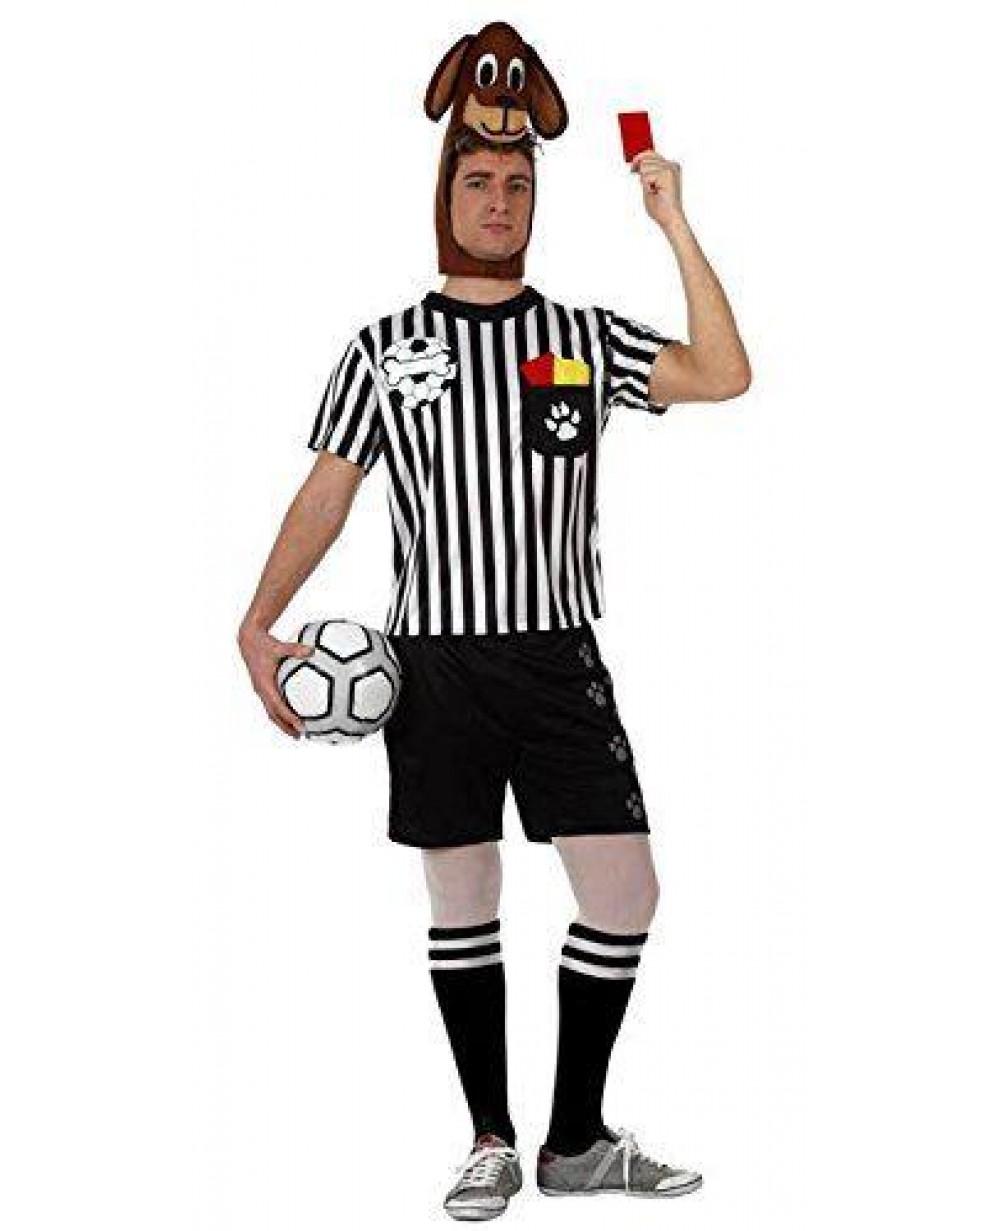 Il negozio online giochi carnevale scuola costume da cane arbitro t 2 - Costume da bagno traduzione ...